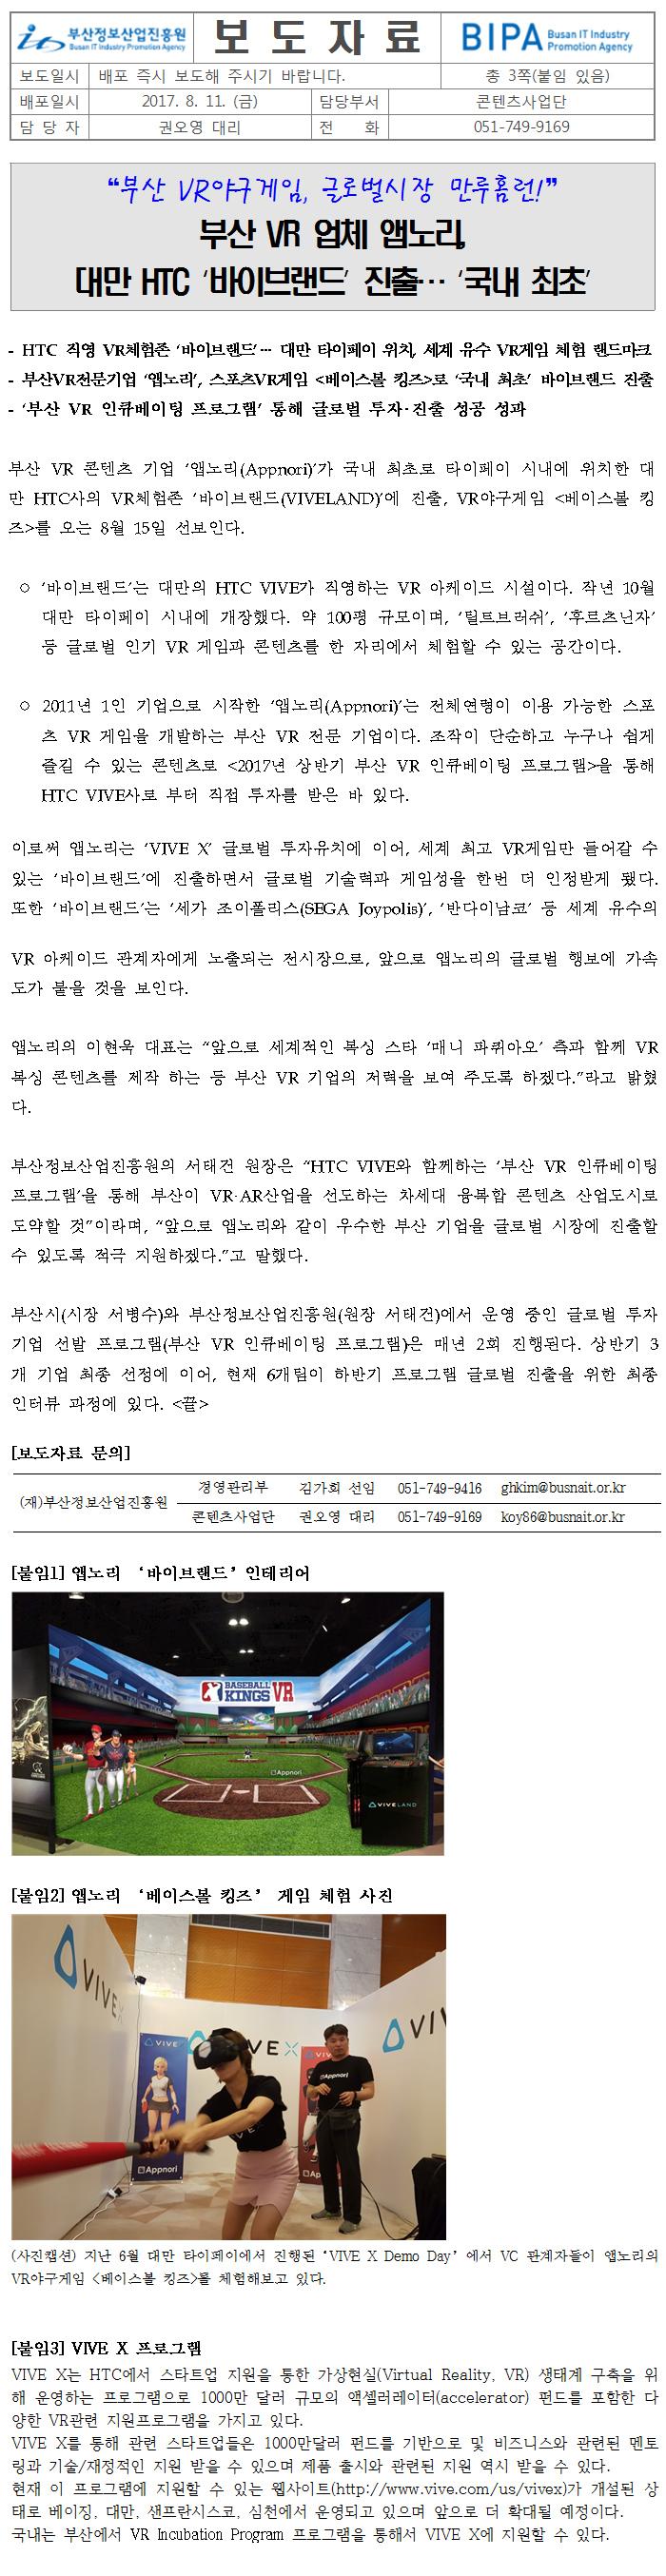 """부산 VR기업 """"앱노리"""", 국내 최초 대만 """"바이브랜드"""" 진출"""